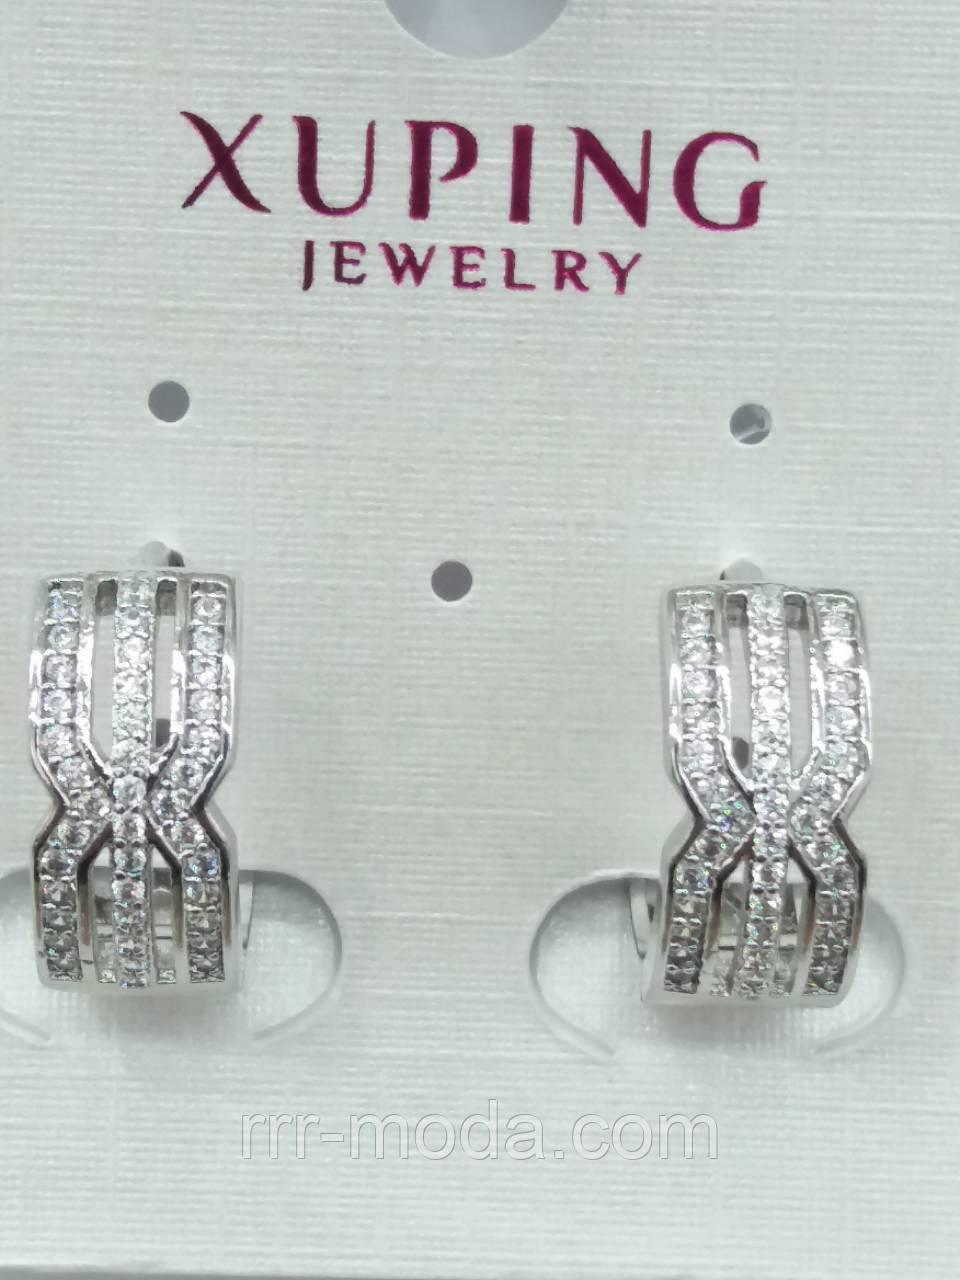 Бижутерия в стразах, бижутерия по оптовым ценам - Серьги под серебро Xuping. b865ee5a12b